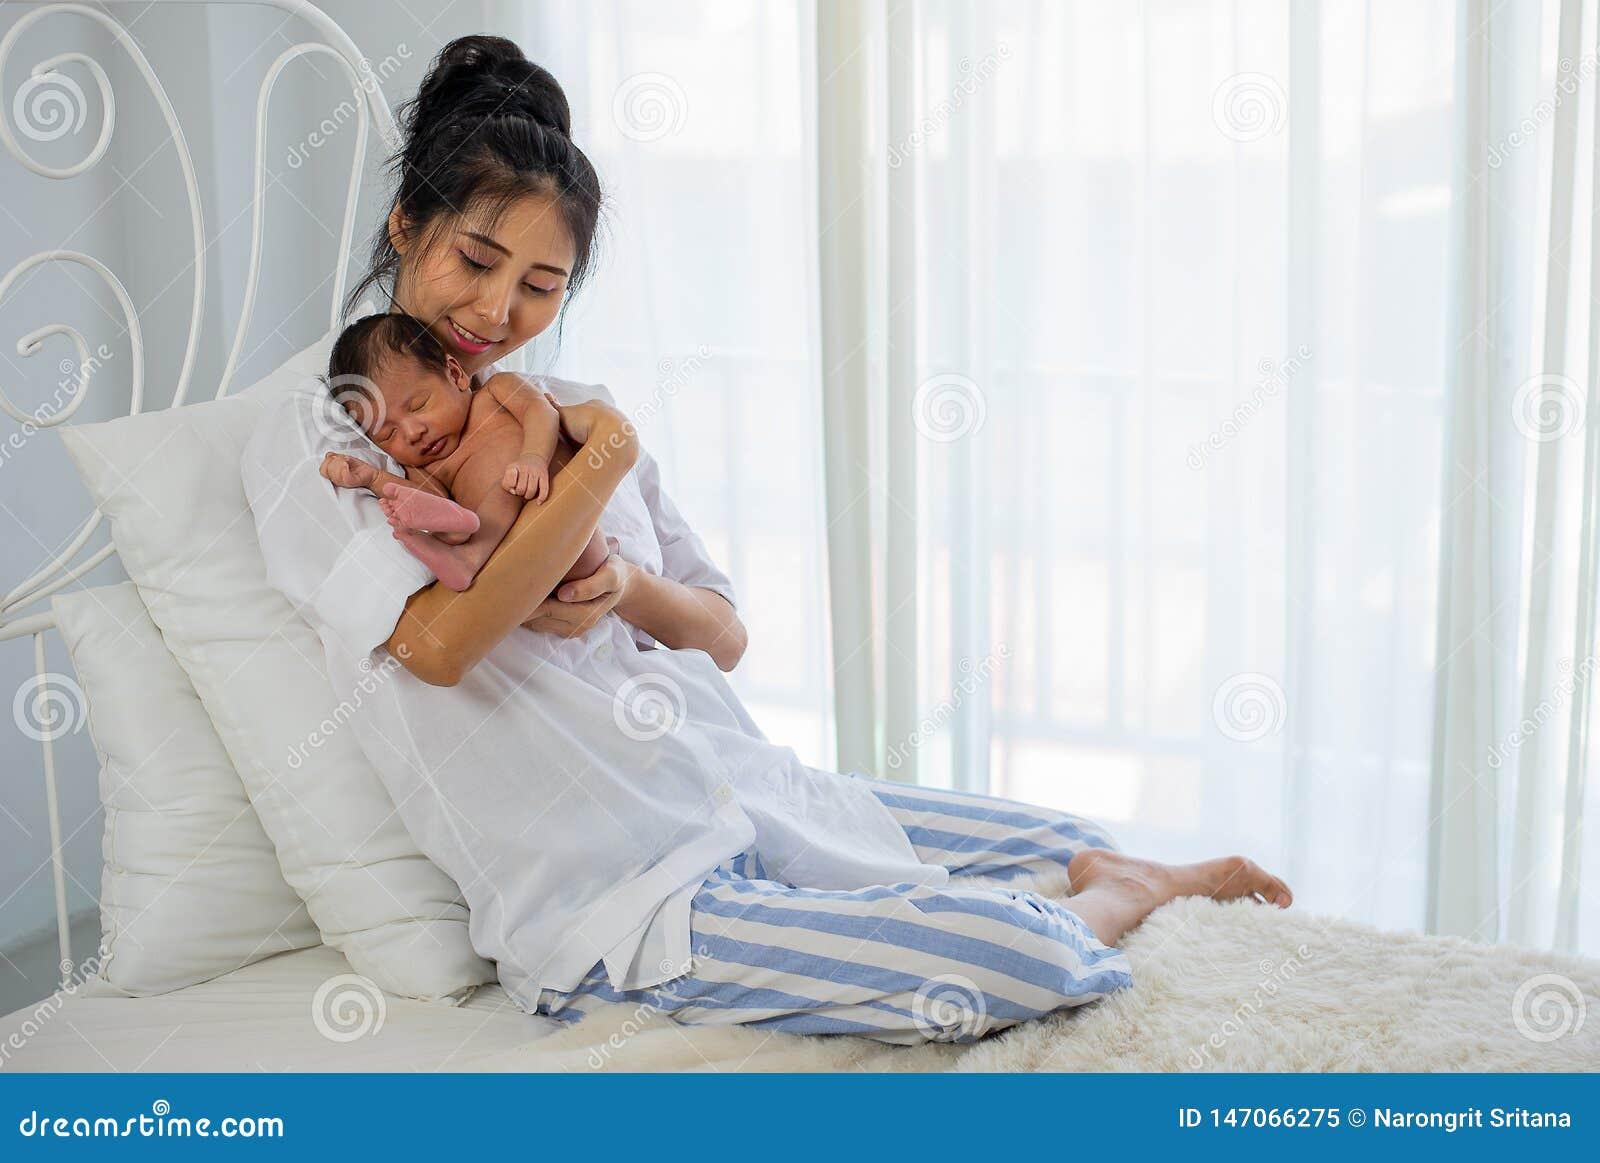 A mãe branca asiática da camisa guarda seu bebê recém-nascido de sono pequeno em sua caixa e senta-se na cama branca na frente da